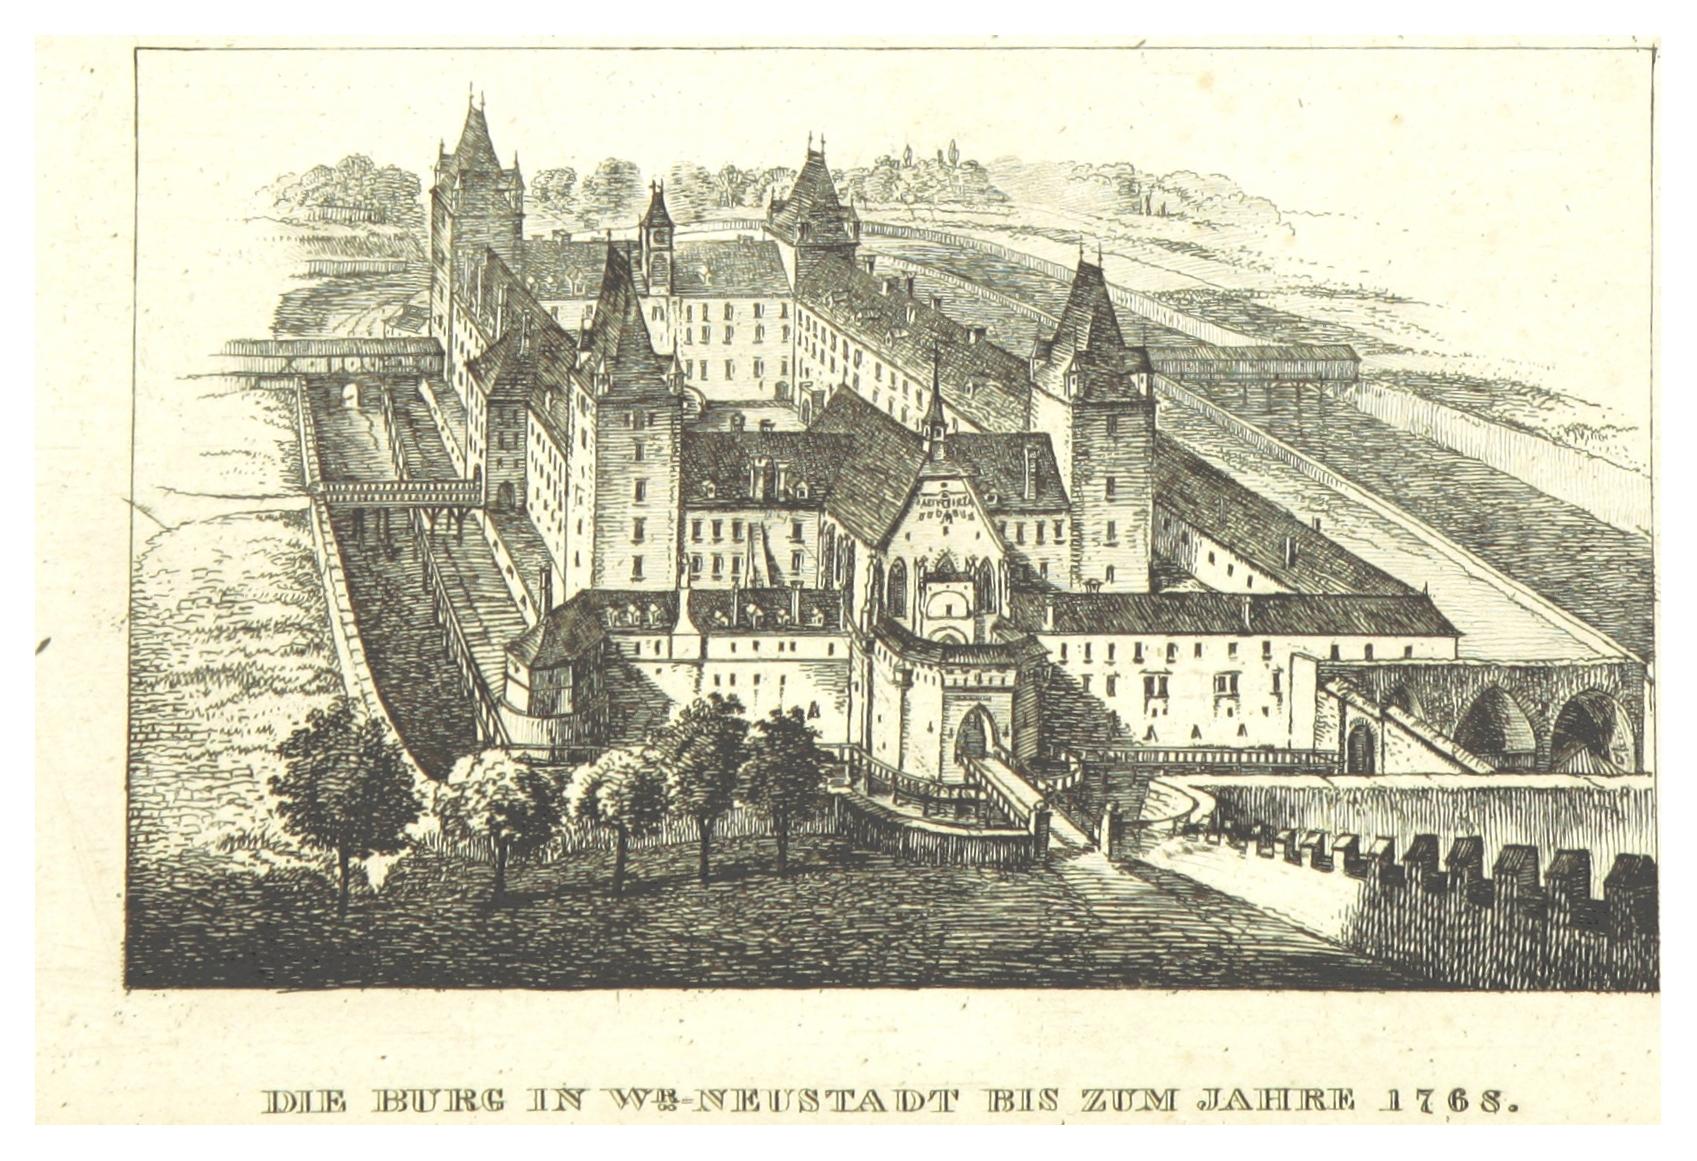 File:BOEHEIM(1830) p1.208 DIE BURG IN WIENER-NEUSTADT VOR